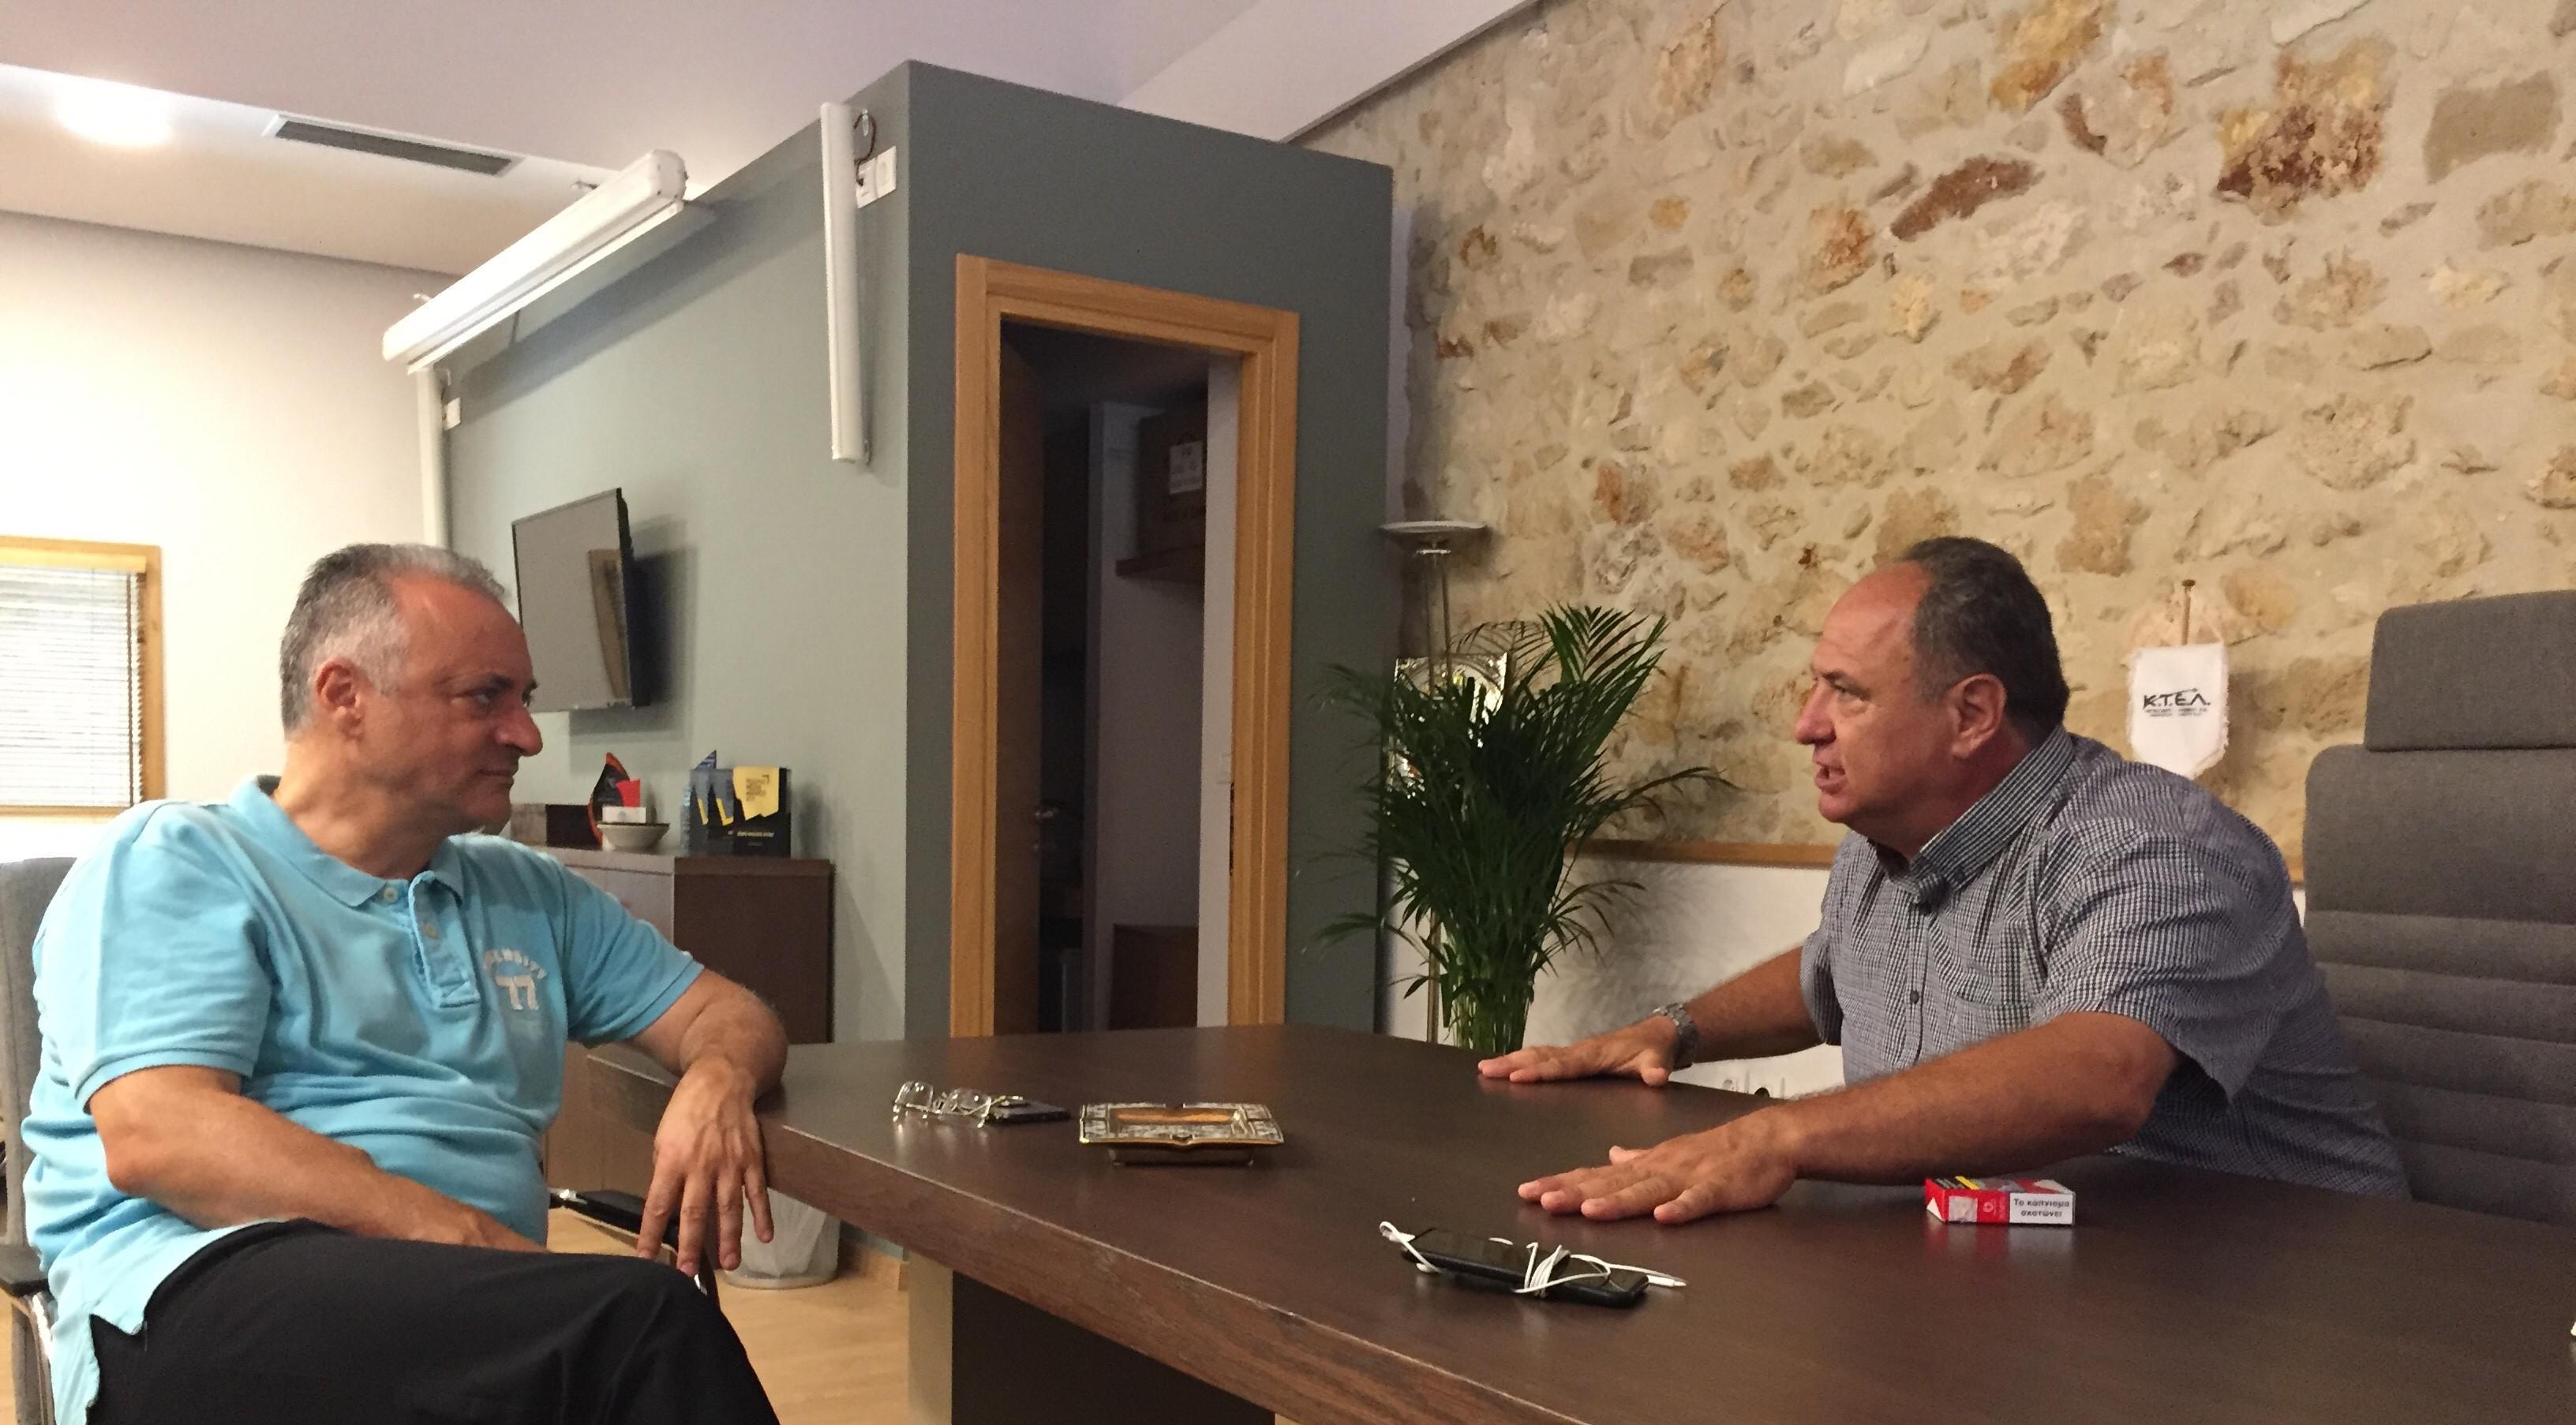 Μανώλης Κεφαλογιάννης: Το ΚΤΕΛ Ηρακλείου αναβαθμίζει τις υπηρεσίες του προς τον πολίτη